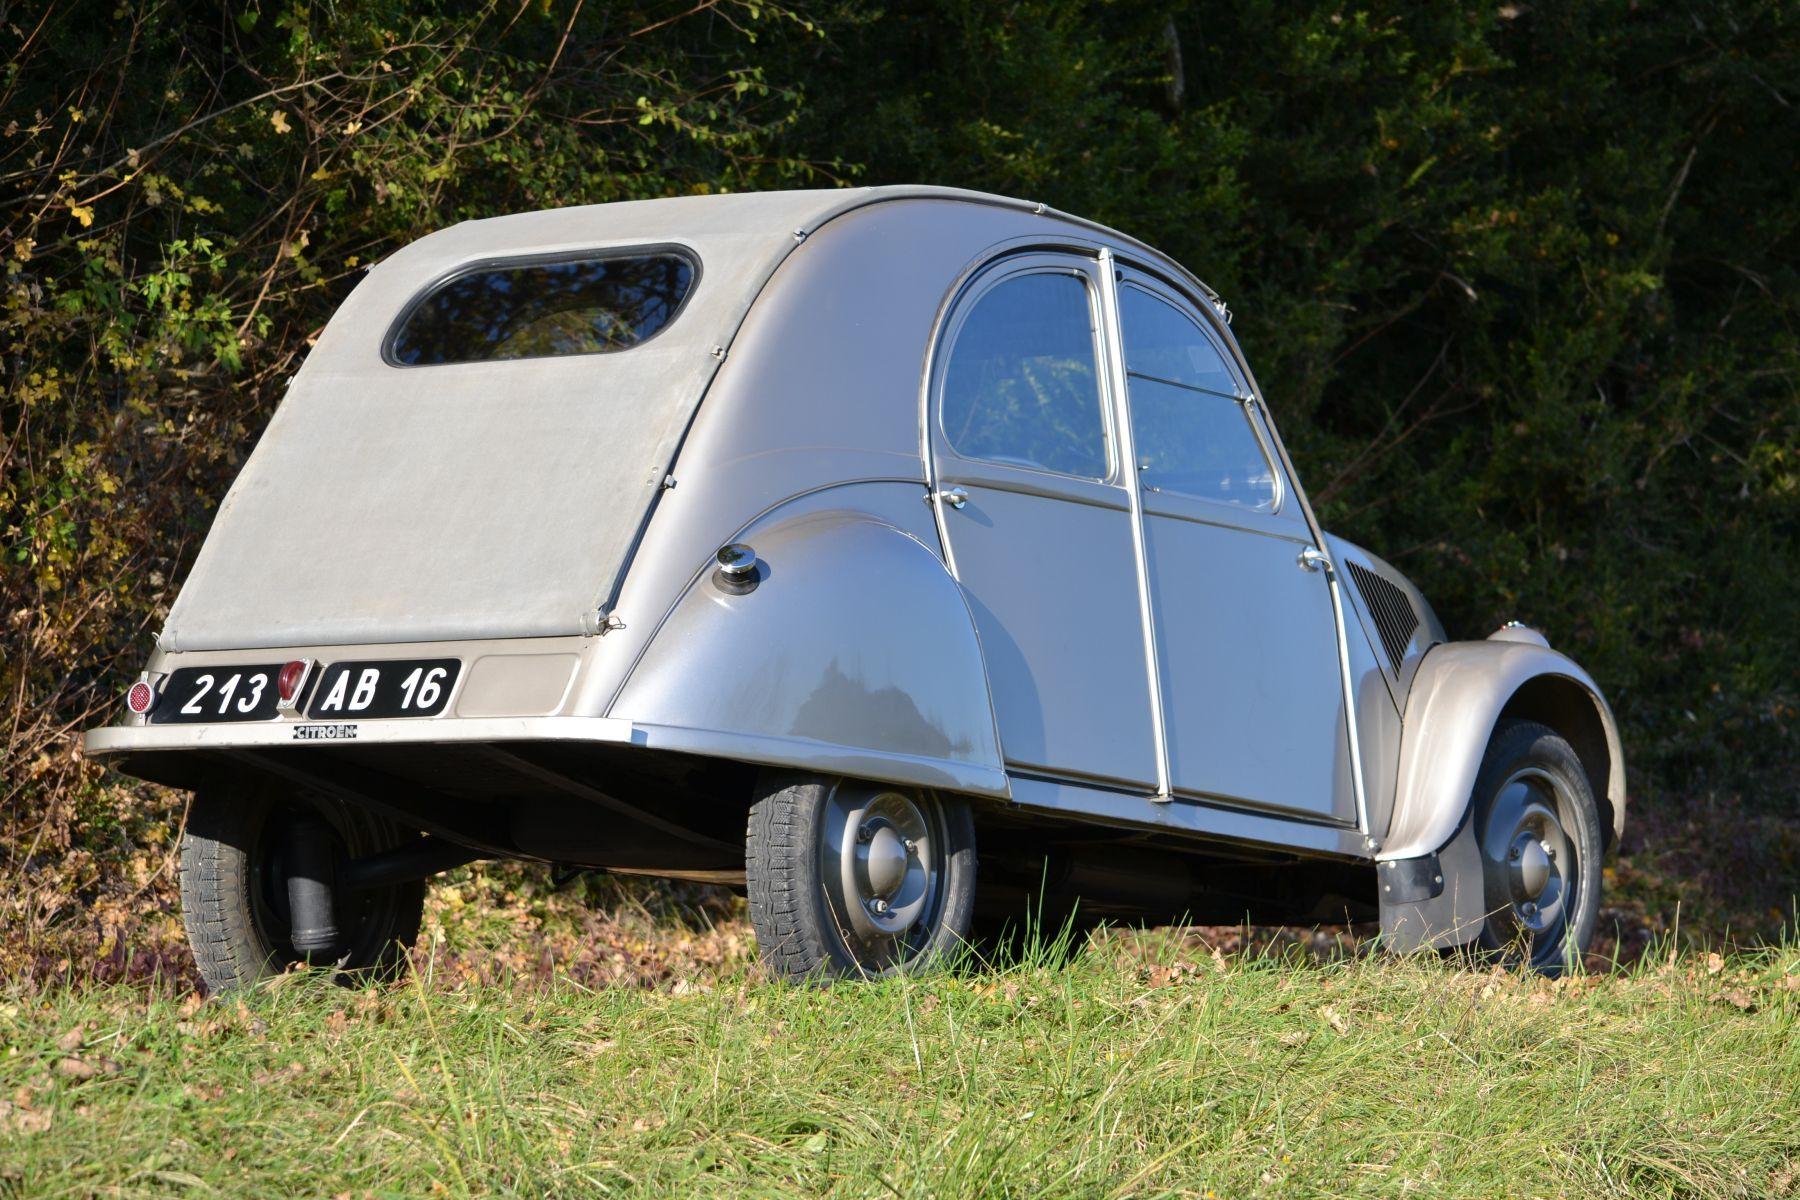 citro n 2 cv type a citroen 2cv cars antique cars classic cars. Black Bedroom Furniture Sets. Home Design Ideas